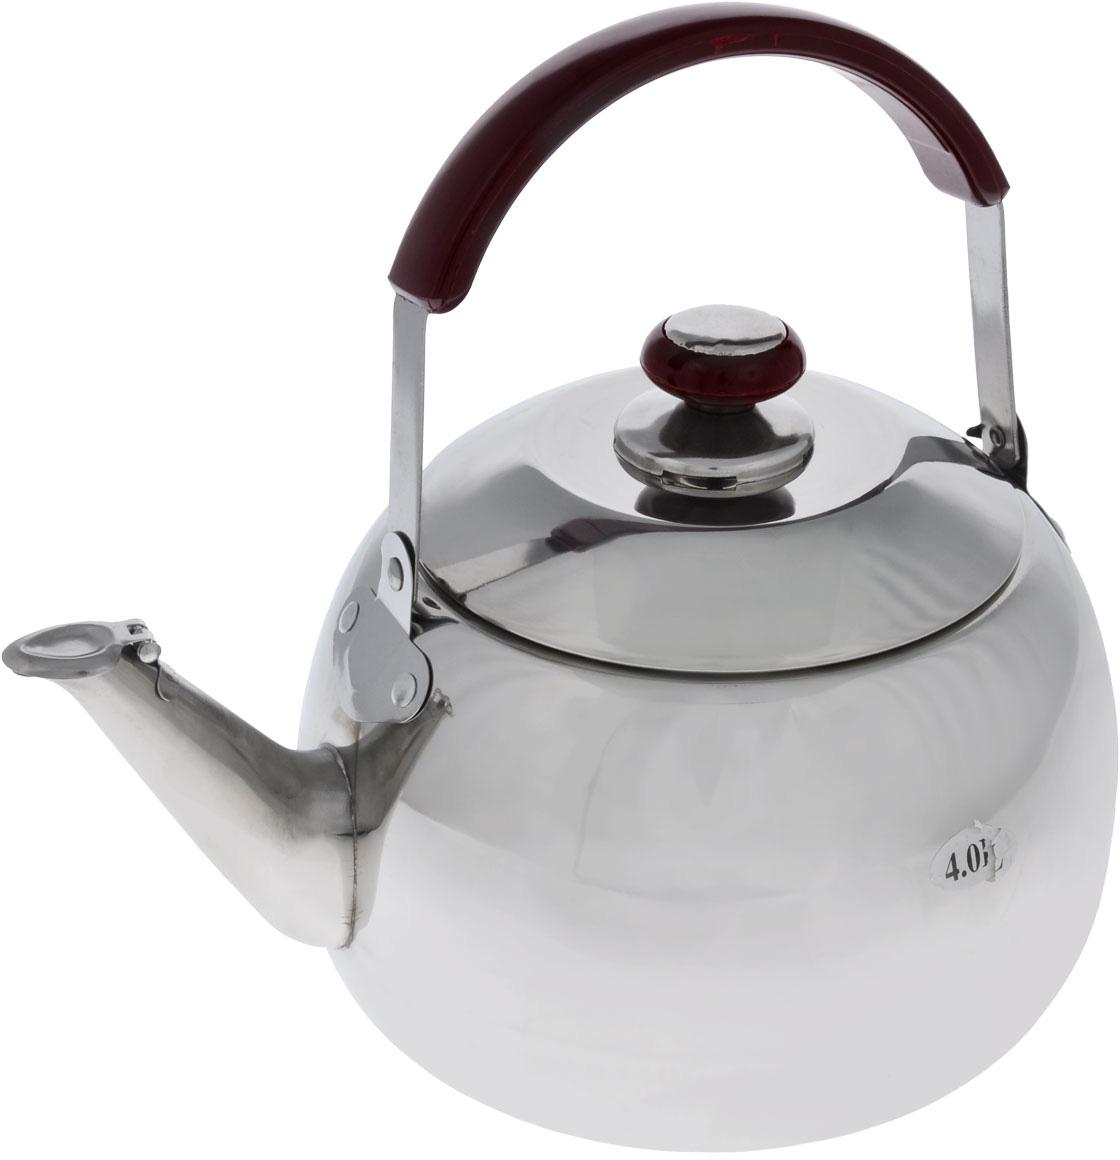 Чайник Mayer & Boch со свистком, 4 л2524Корпус чайника Mayer & Boch выполнен из высококачественной нержавеющей стали с зеркальной поверхностью, что обеспечивает долговечность использования. Подвижная ручка из стали с накладкой из бакелита делает использование чайника очень удобным и безопасным. Крышка из нержавеющей стали снабжена свистком, что позволит вам контролировать процесс подогрева или кипячения воды. Капсулированное дно с прослойкой из алюминия обеспечивает наилучшее распределение тепла. Эстетичный и функциональный, с эксклюзивным дизайном, чайник будет оригинально смотреться в любом интерьере. Можно мыть в посудомоечной машине. Диаметр основания чайника: 17 см. Высота чайника (без учета крышки): 13 см. Высота чайника (с учетом крышки): 18 см. Рекомендуем!